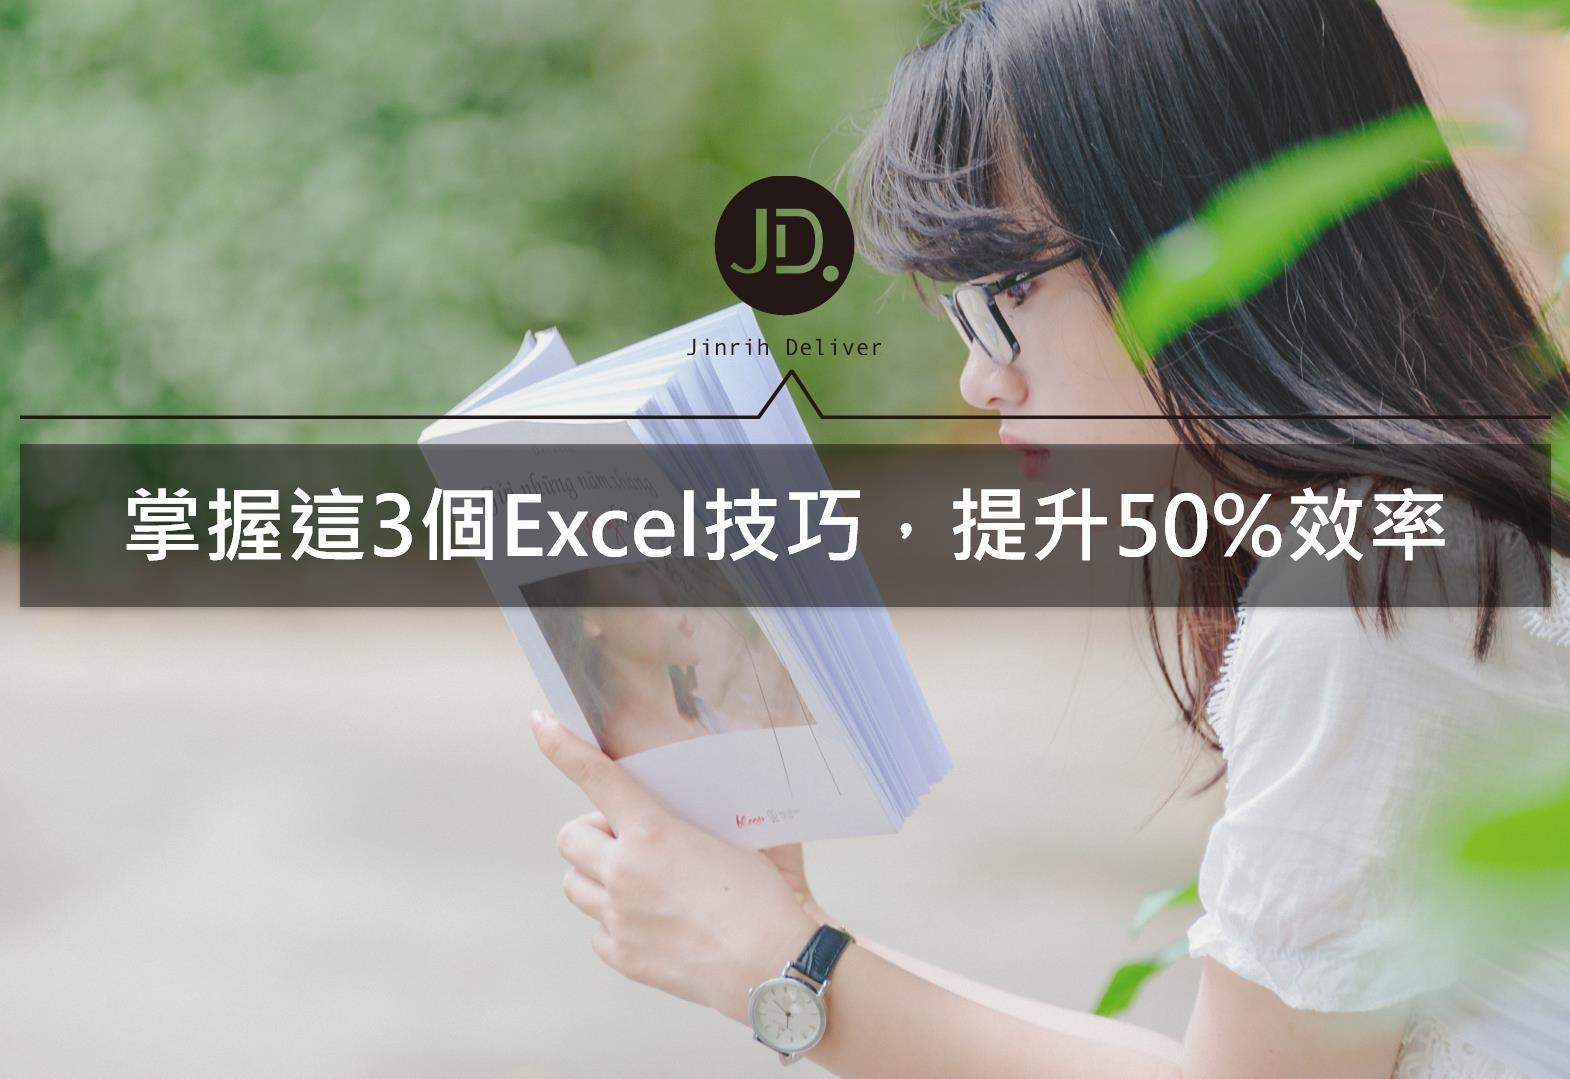 掌握這3個Excel技巧,再也不覺得用Excel做東西很麻煩!   今日訊息